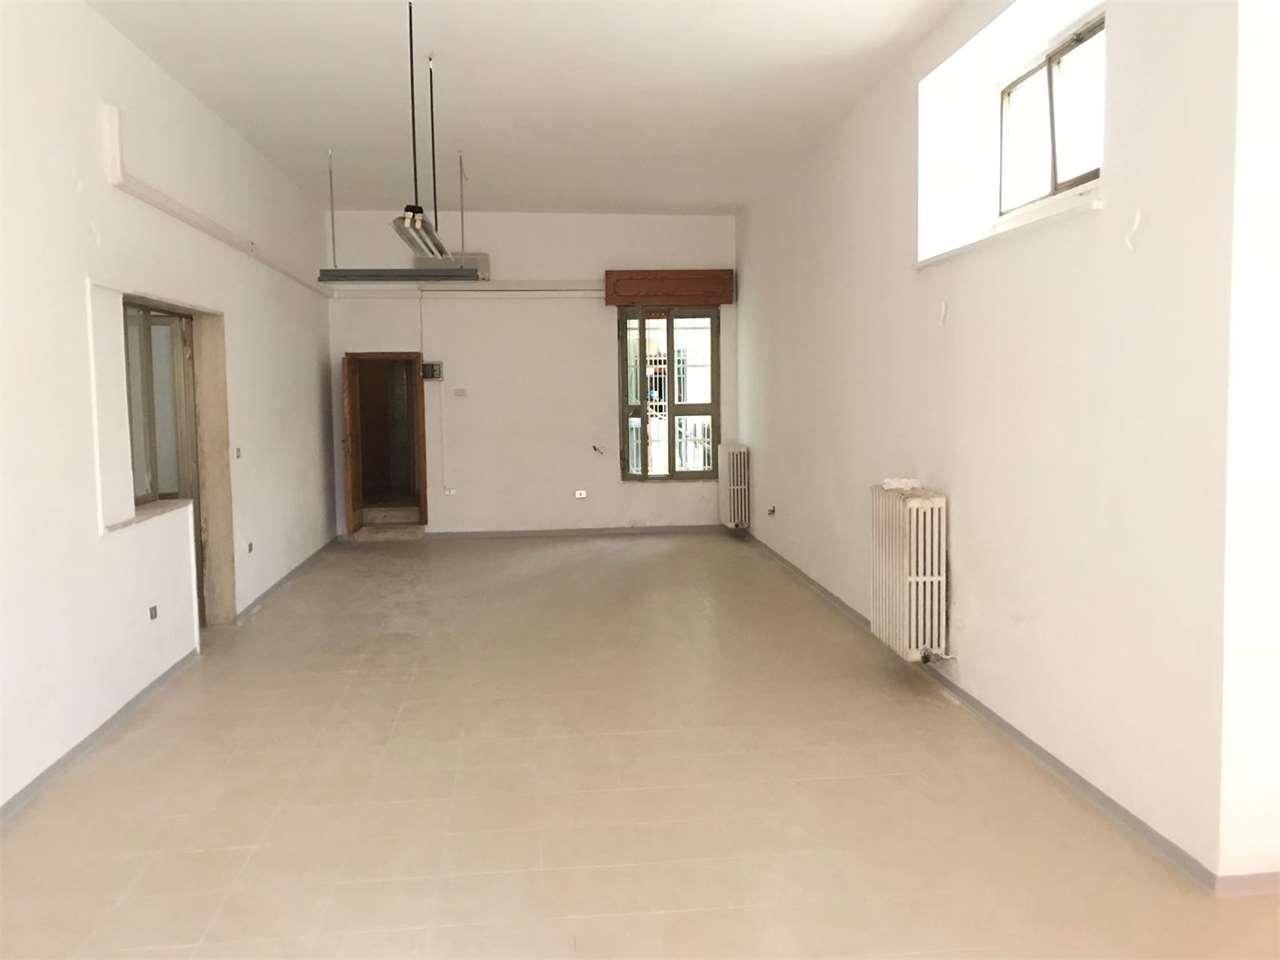 Negozio / Locale in affitto a Casarano, 9999 locali, prezzo € 500 | CambioCasa.it